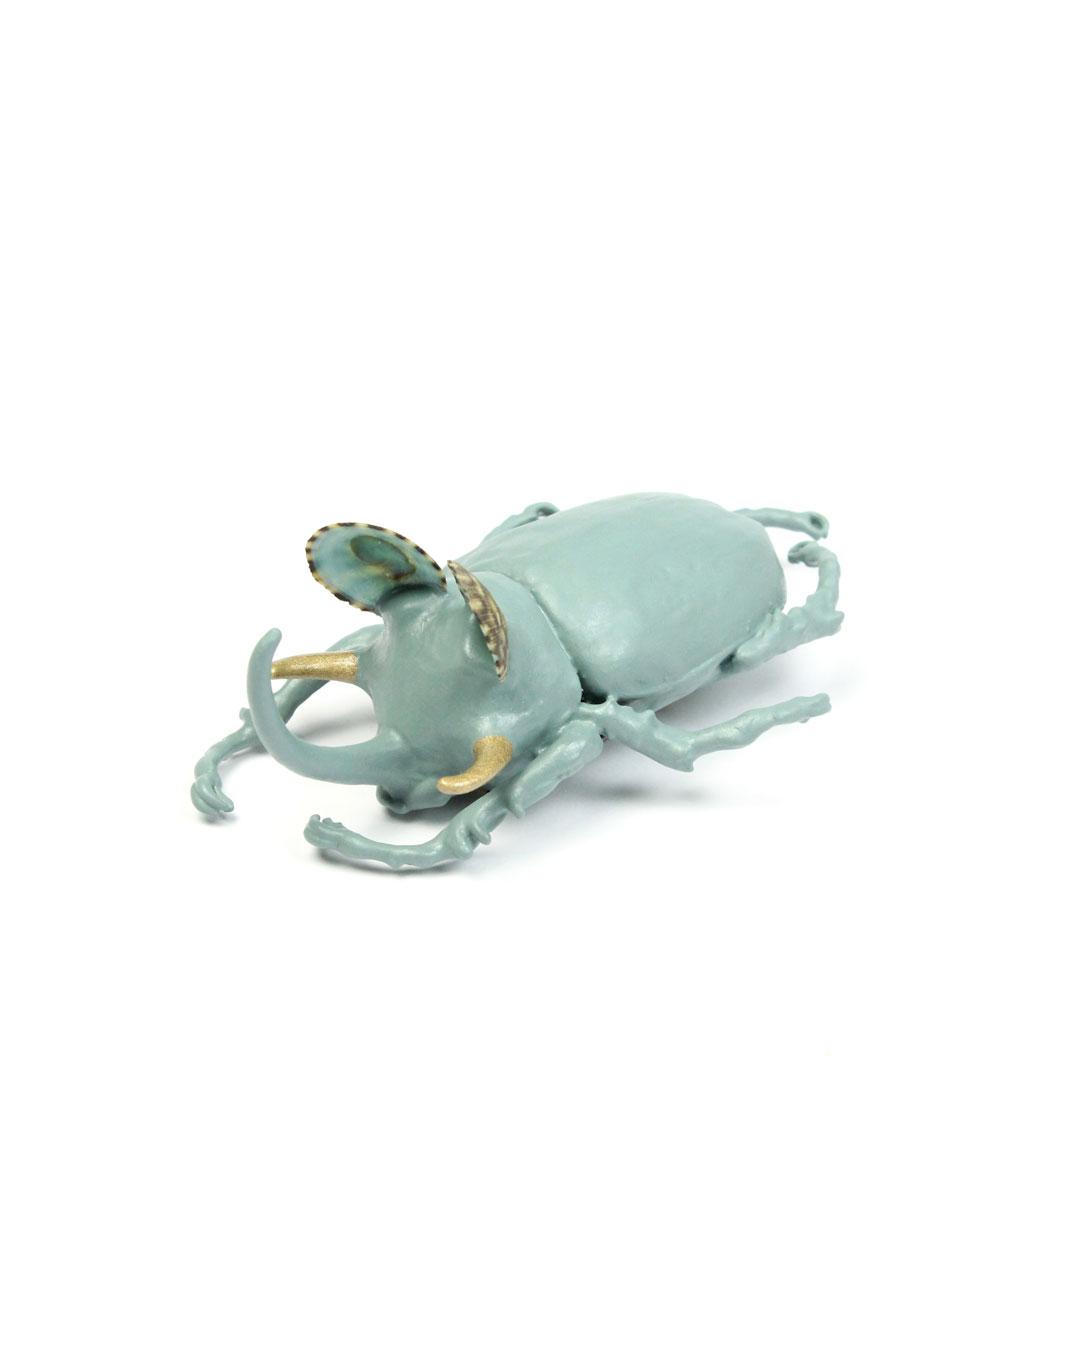 Märta Mattsson, Dali, 2019, brooch; beetle, copper, lacquer, resin, seashells, steel, gold, 60 x 100 x 40 mm, €1350